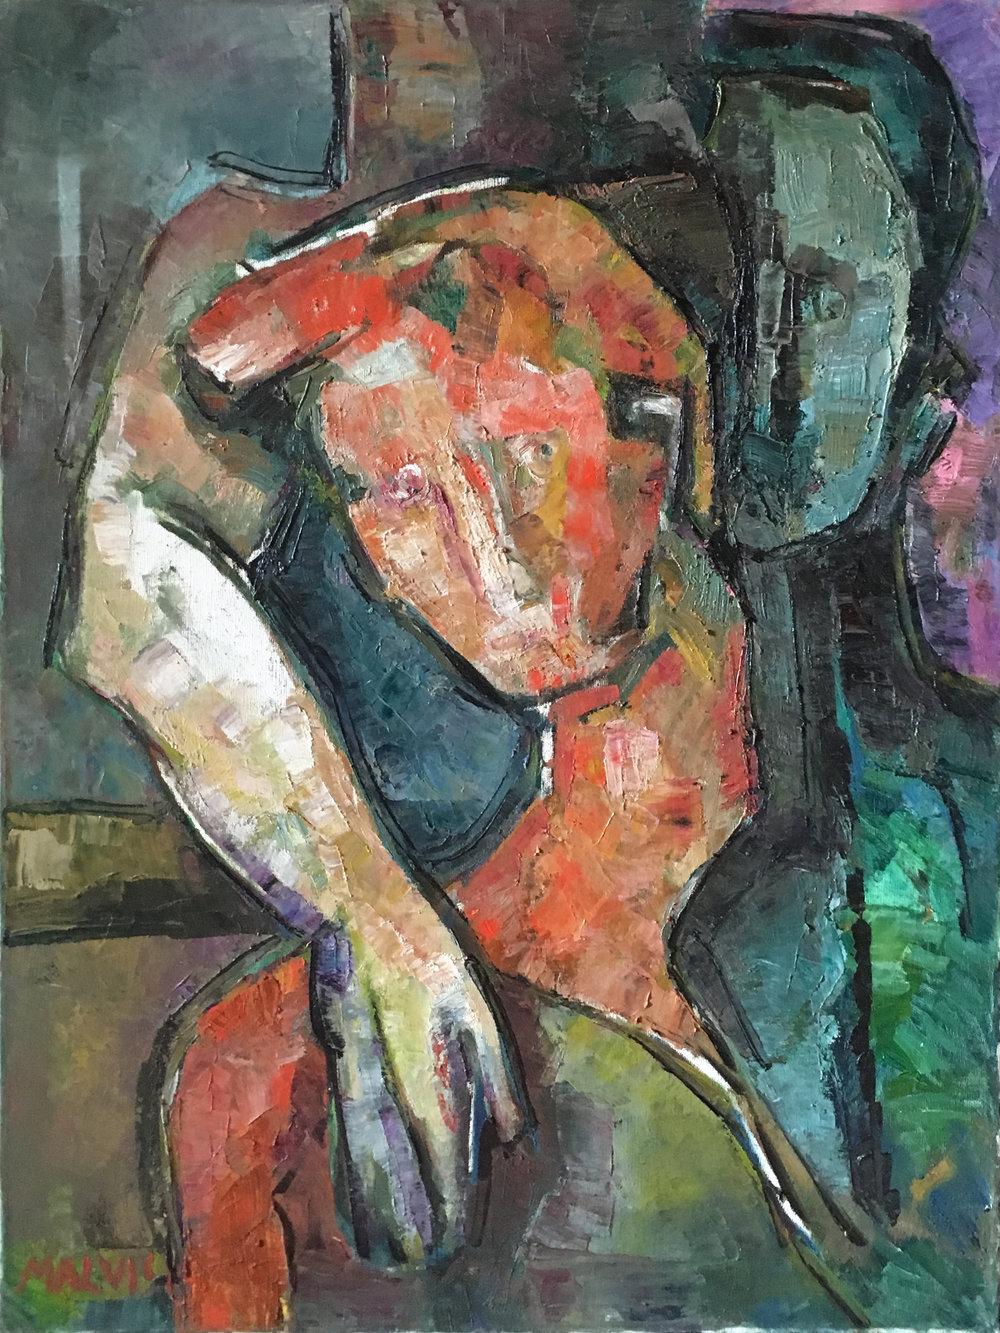 <b>Theodore</b><br> 1985 Oil on canvas <br> cm 60 x 80